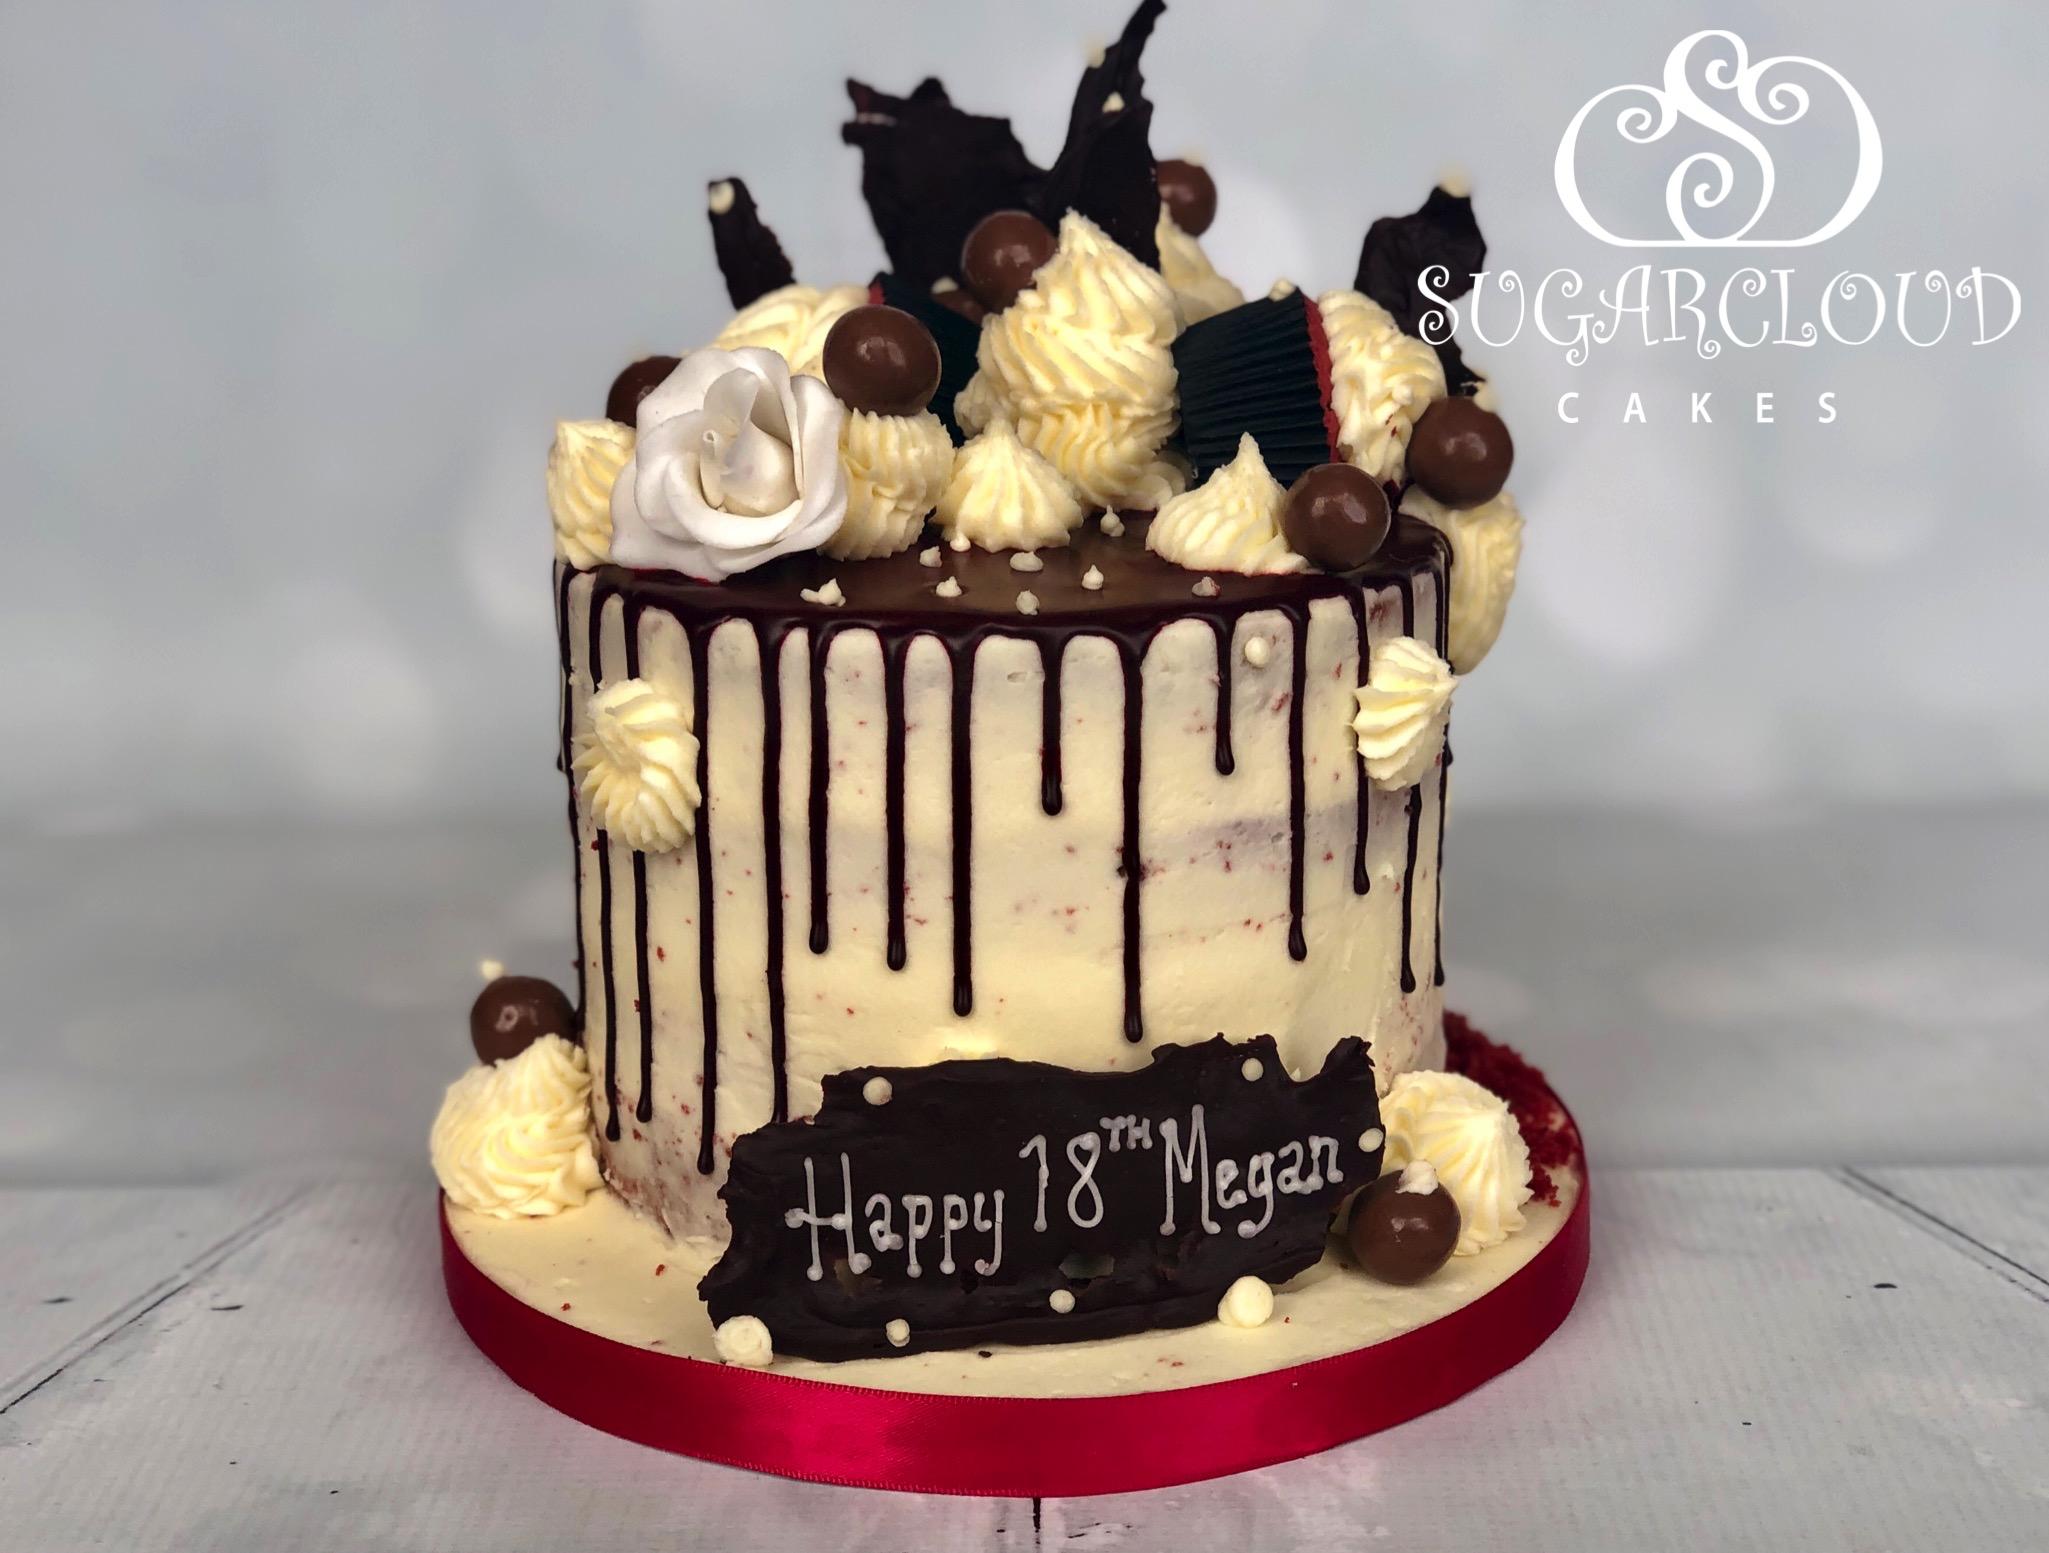 A Red Velvet 18th Birthday Cake for Megan, Crewe